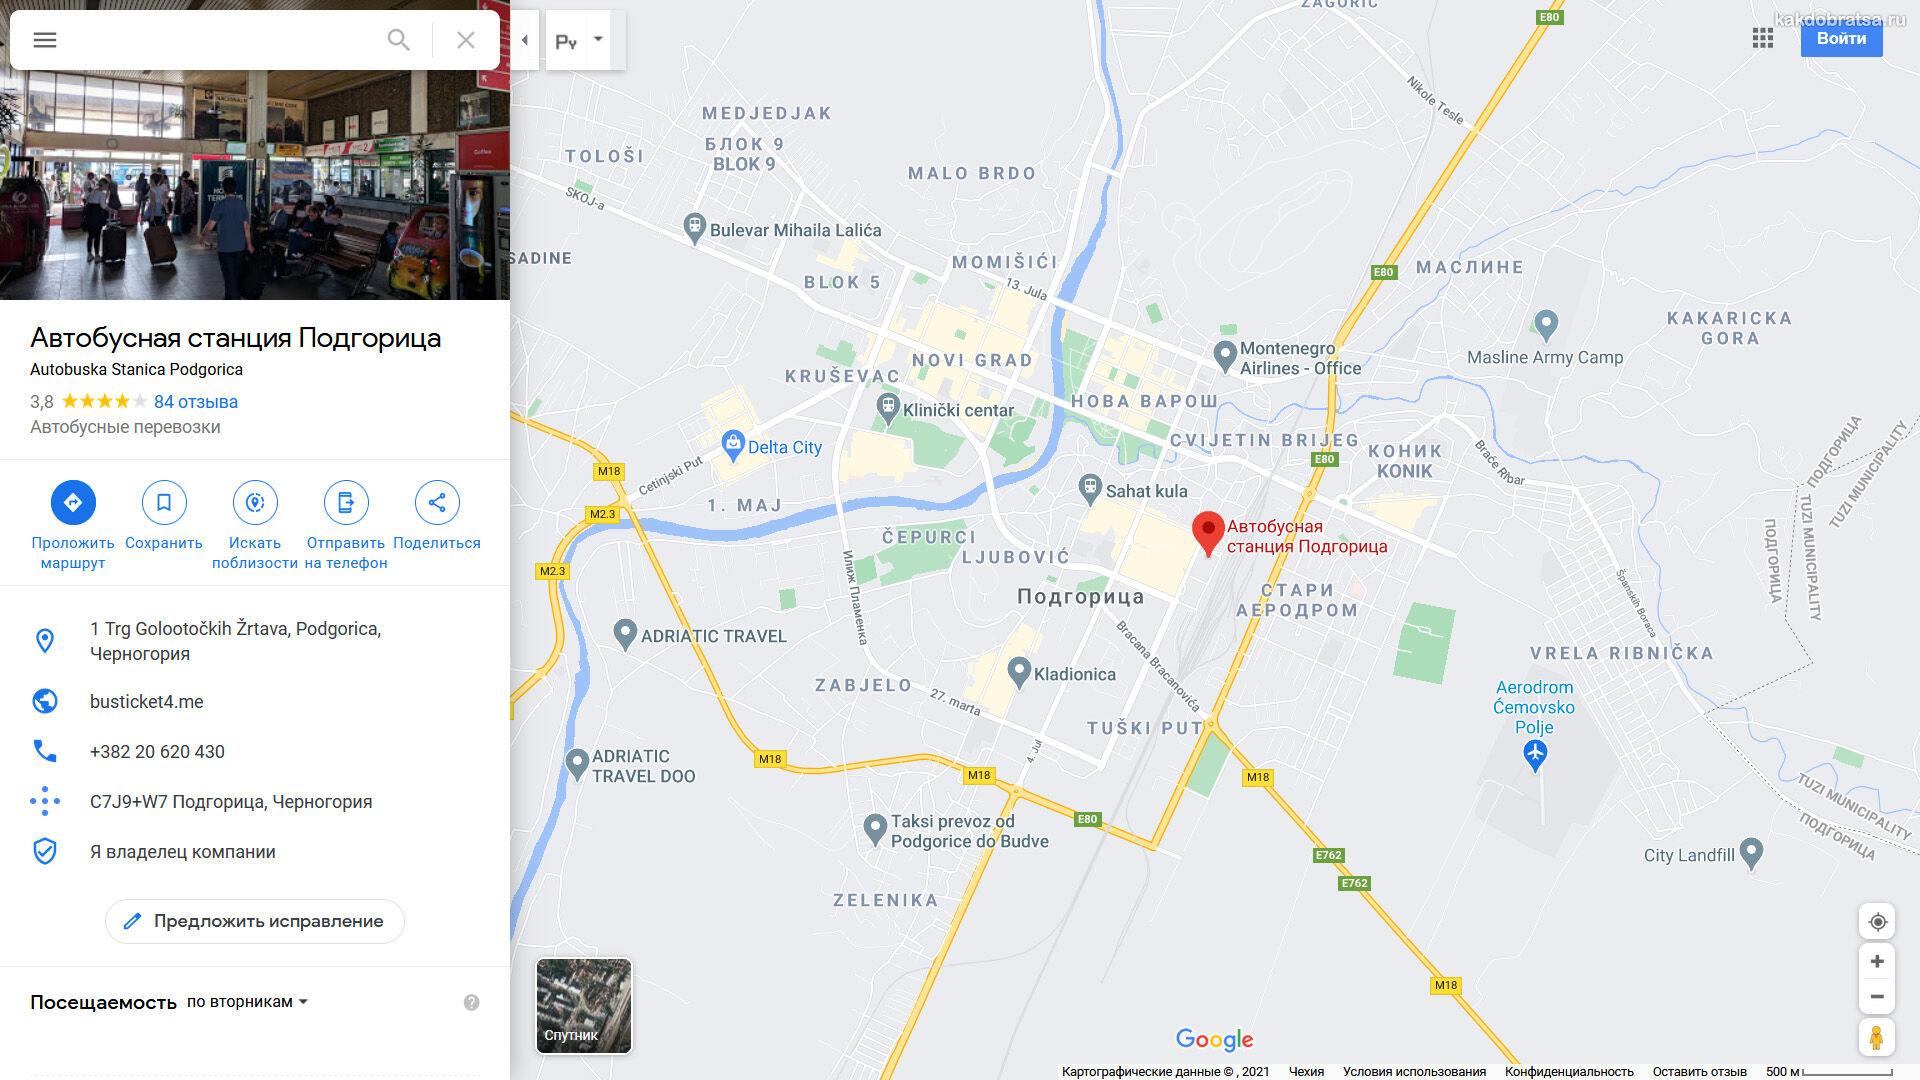 Подгорица автовокзал где находится и адрес на карте